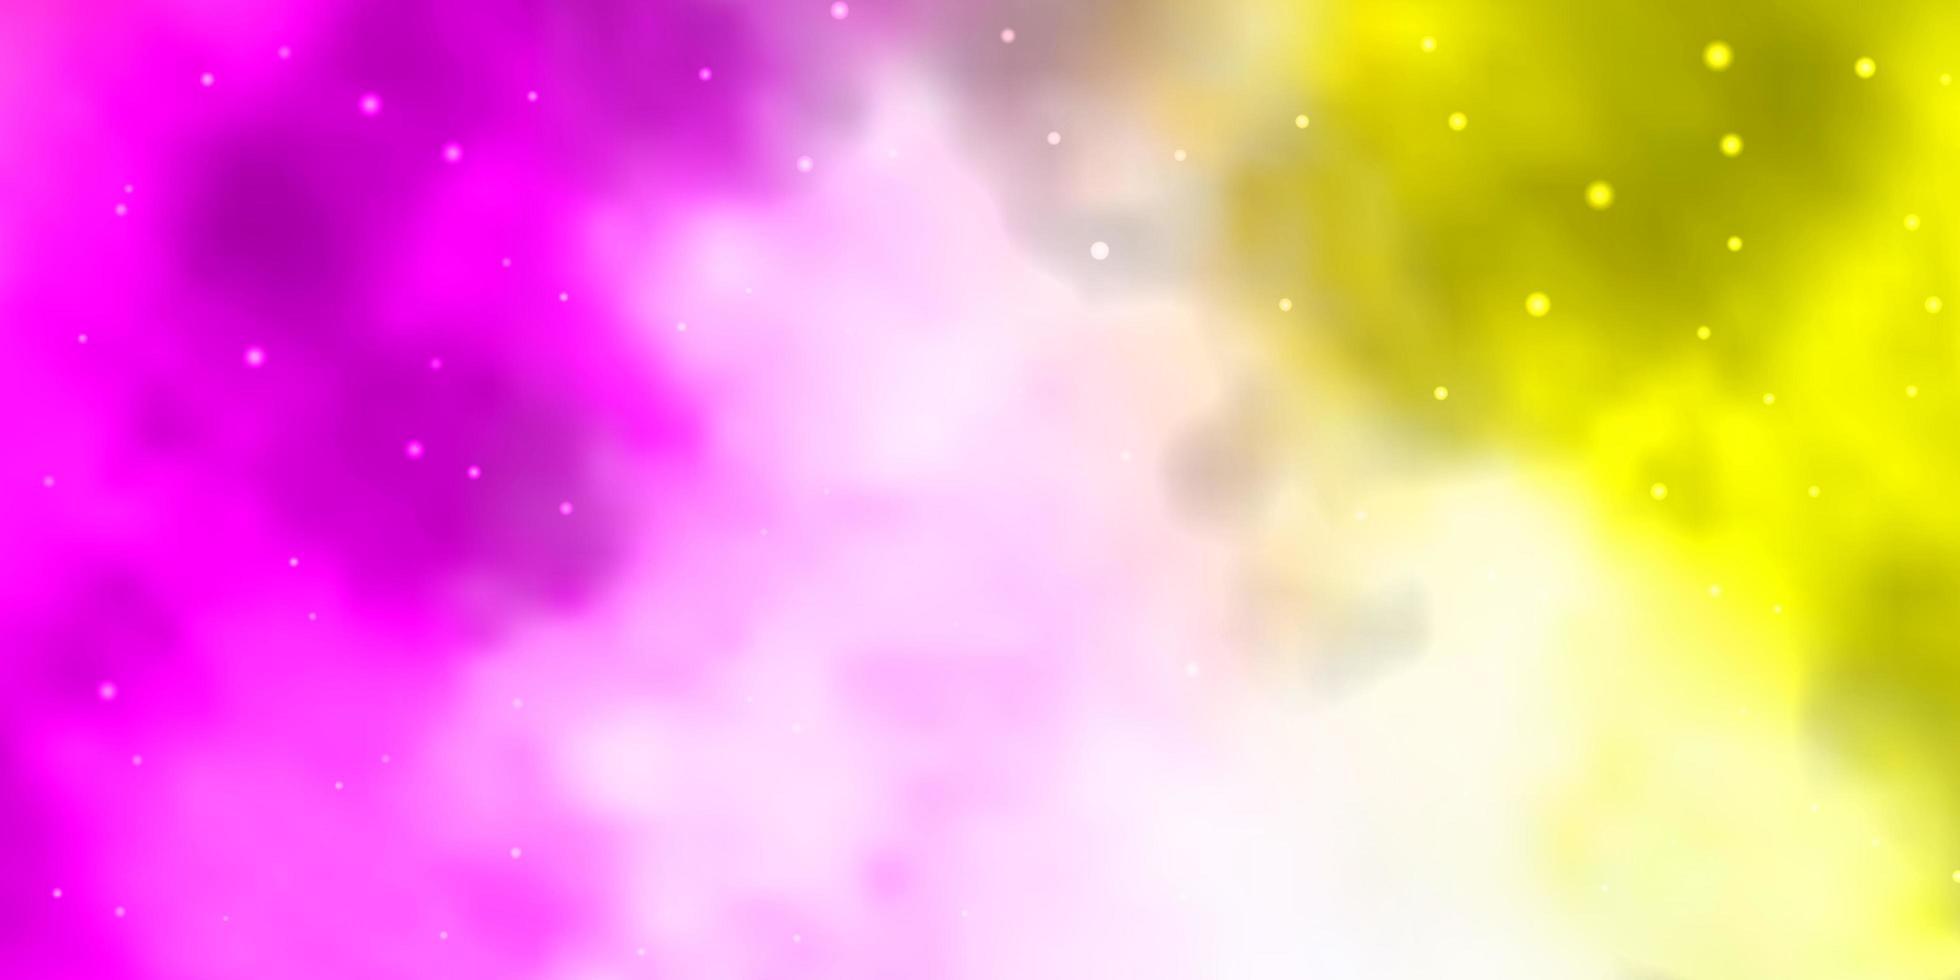 hellrosa, gelbe Vektorbeschaffenheit mit schönen Sternen. vektor